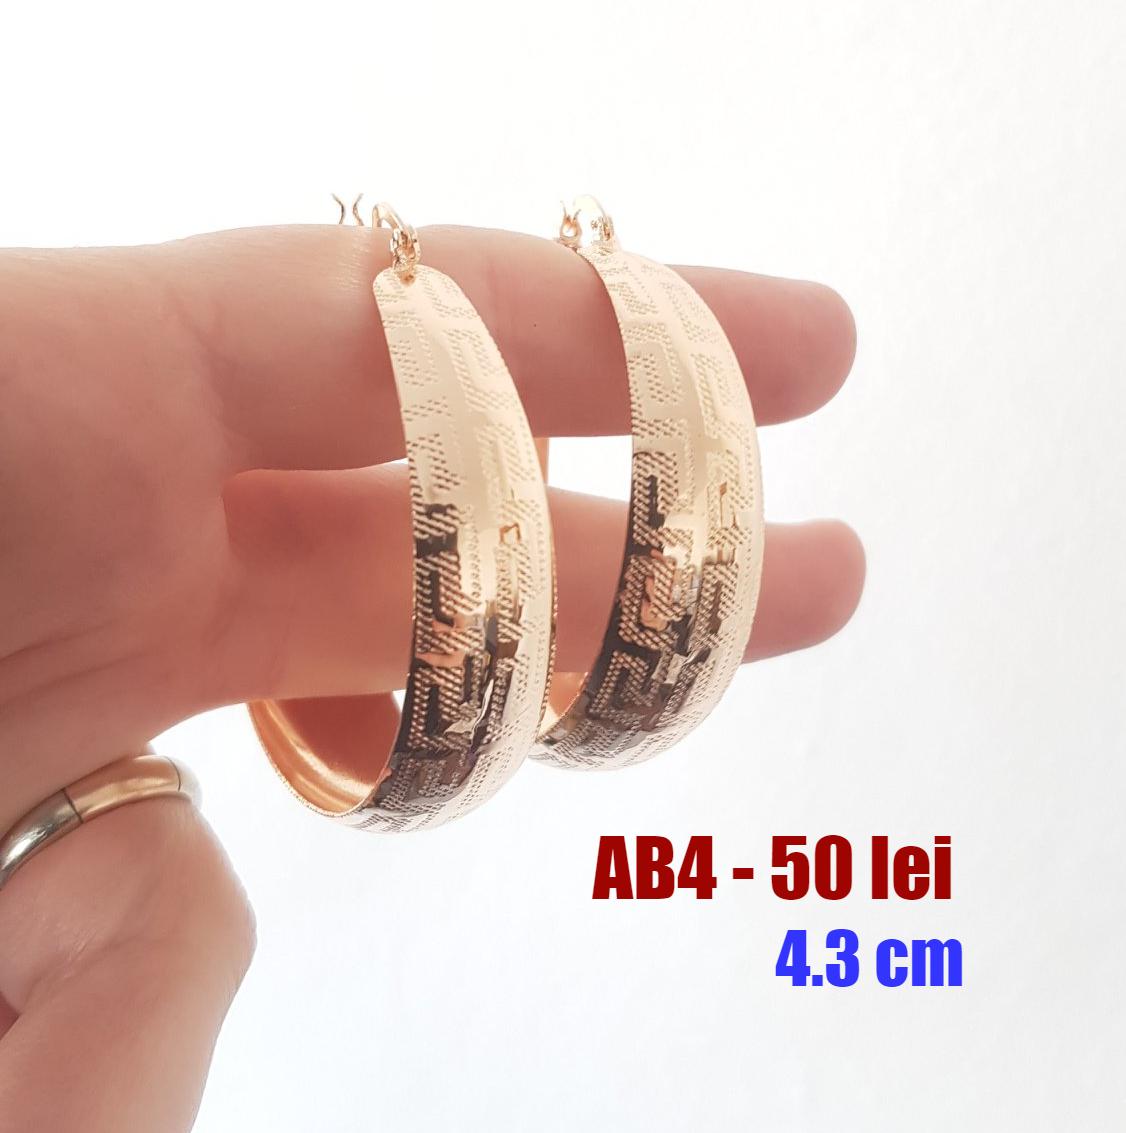 - Cercei in culoarea aurului de 18K - 4.3 cm - AB04